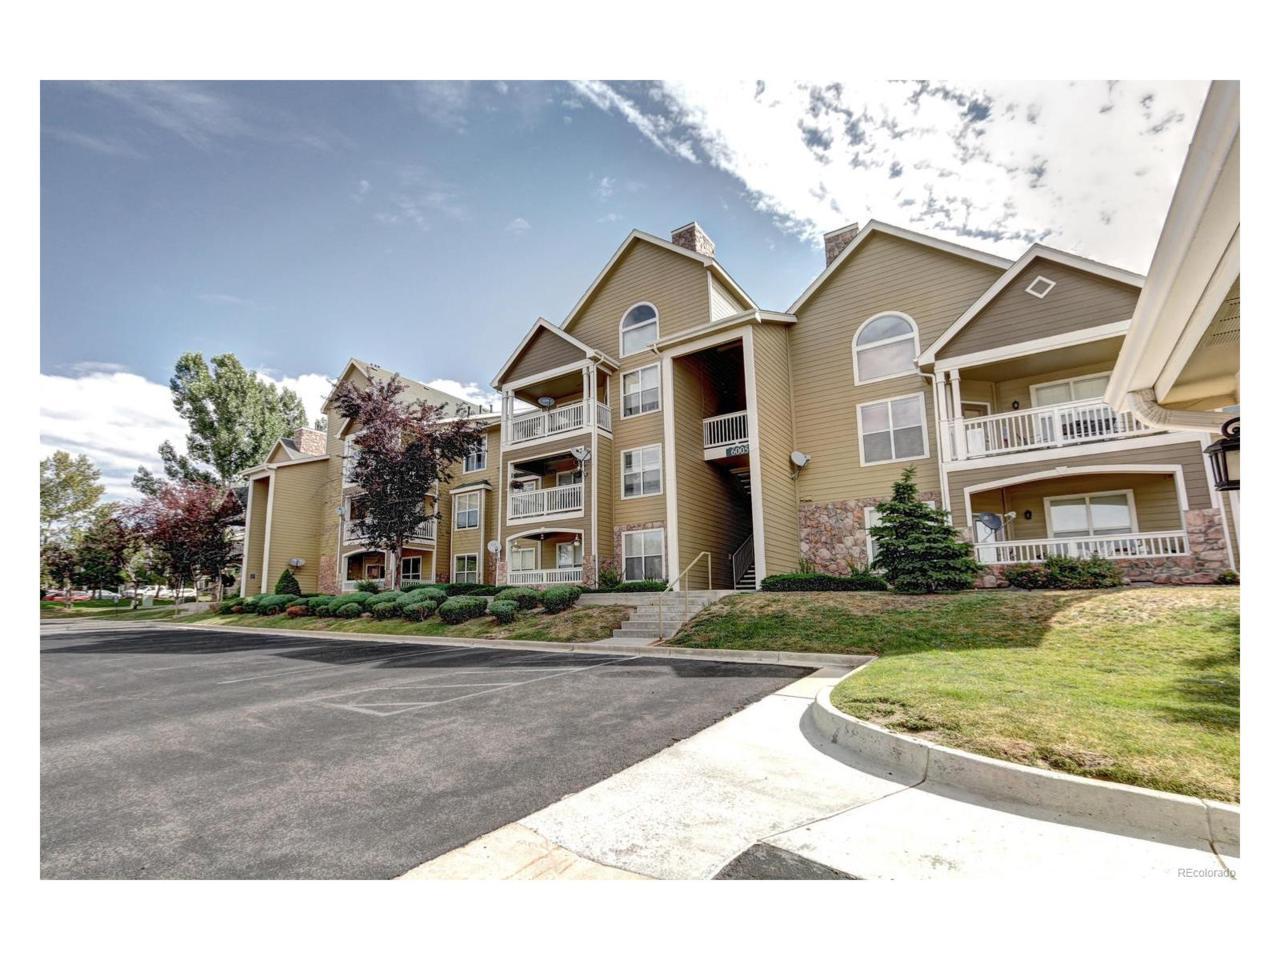 6005 Castlegate Drive B12, Castle Rock, CO 80108 (MLS #4878238) :: 8z Real Estate